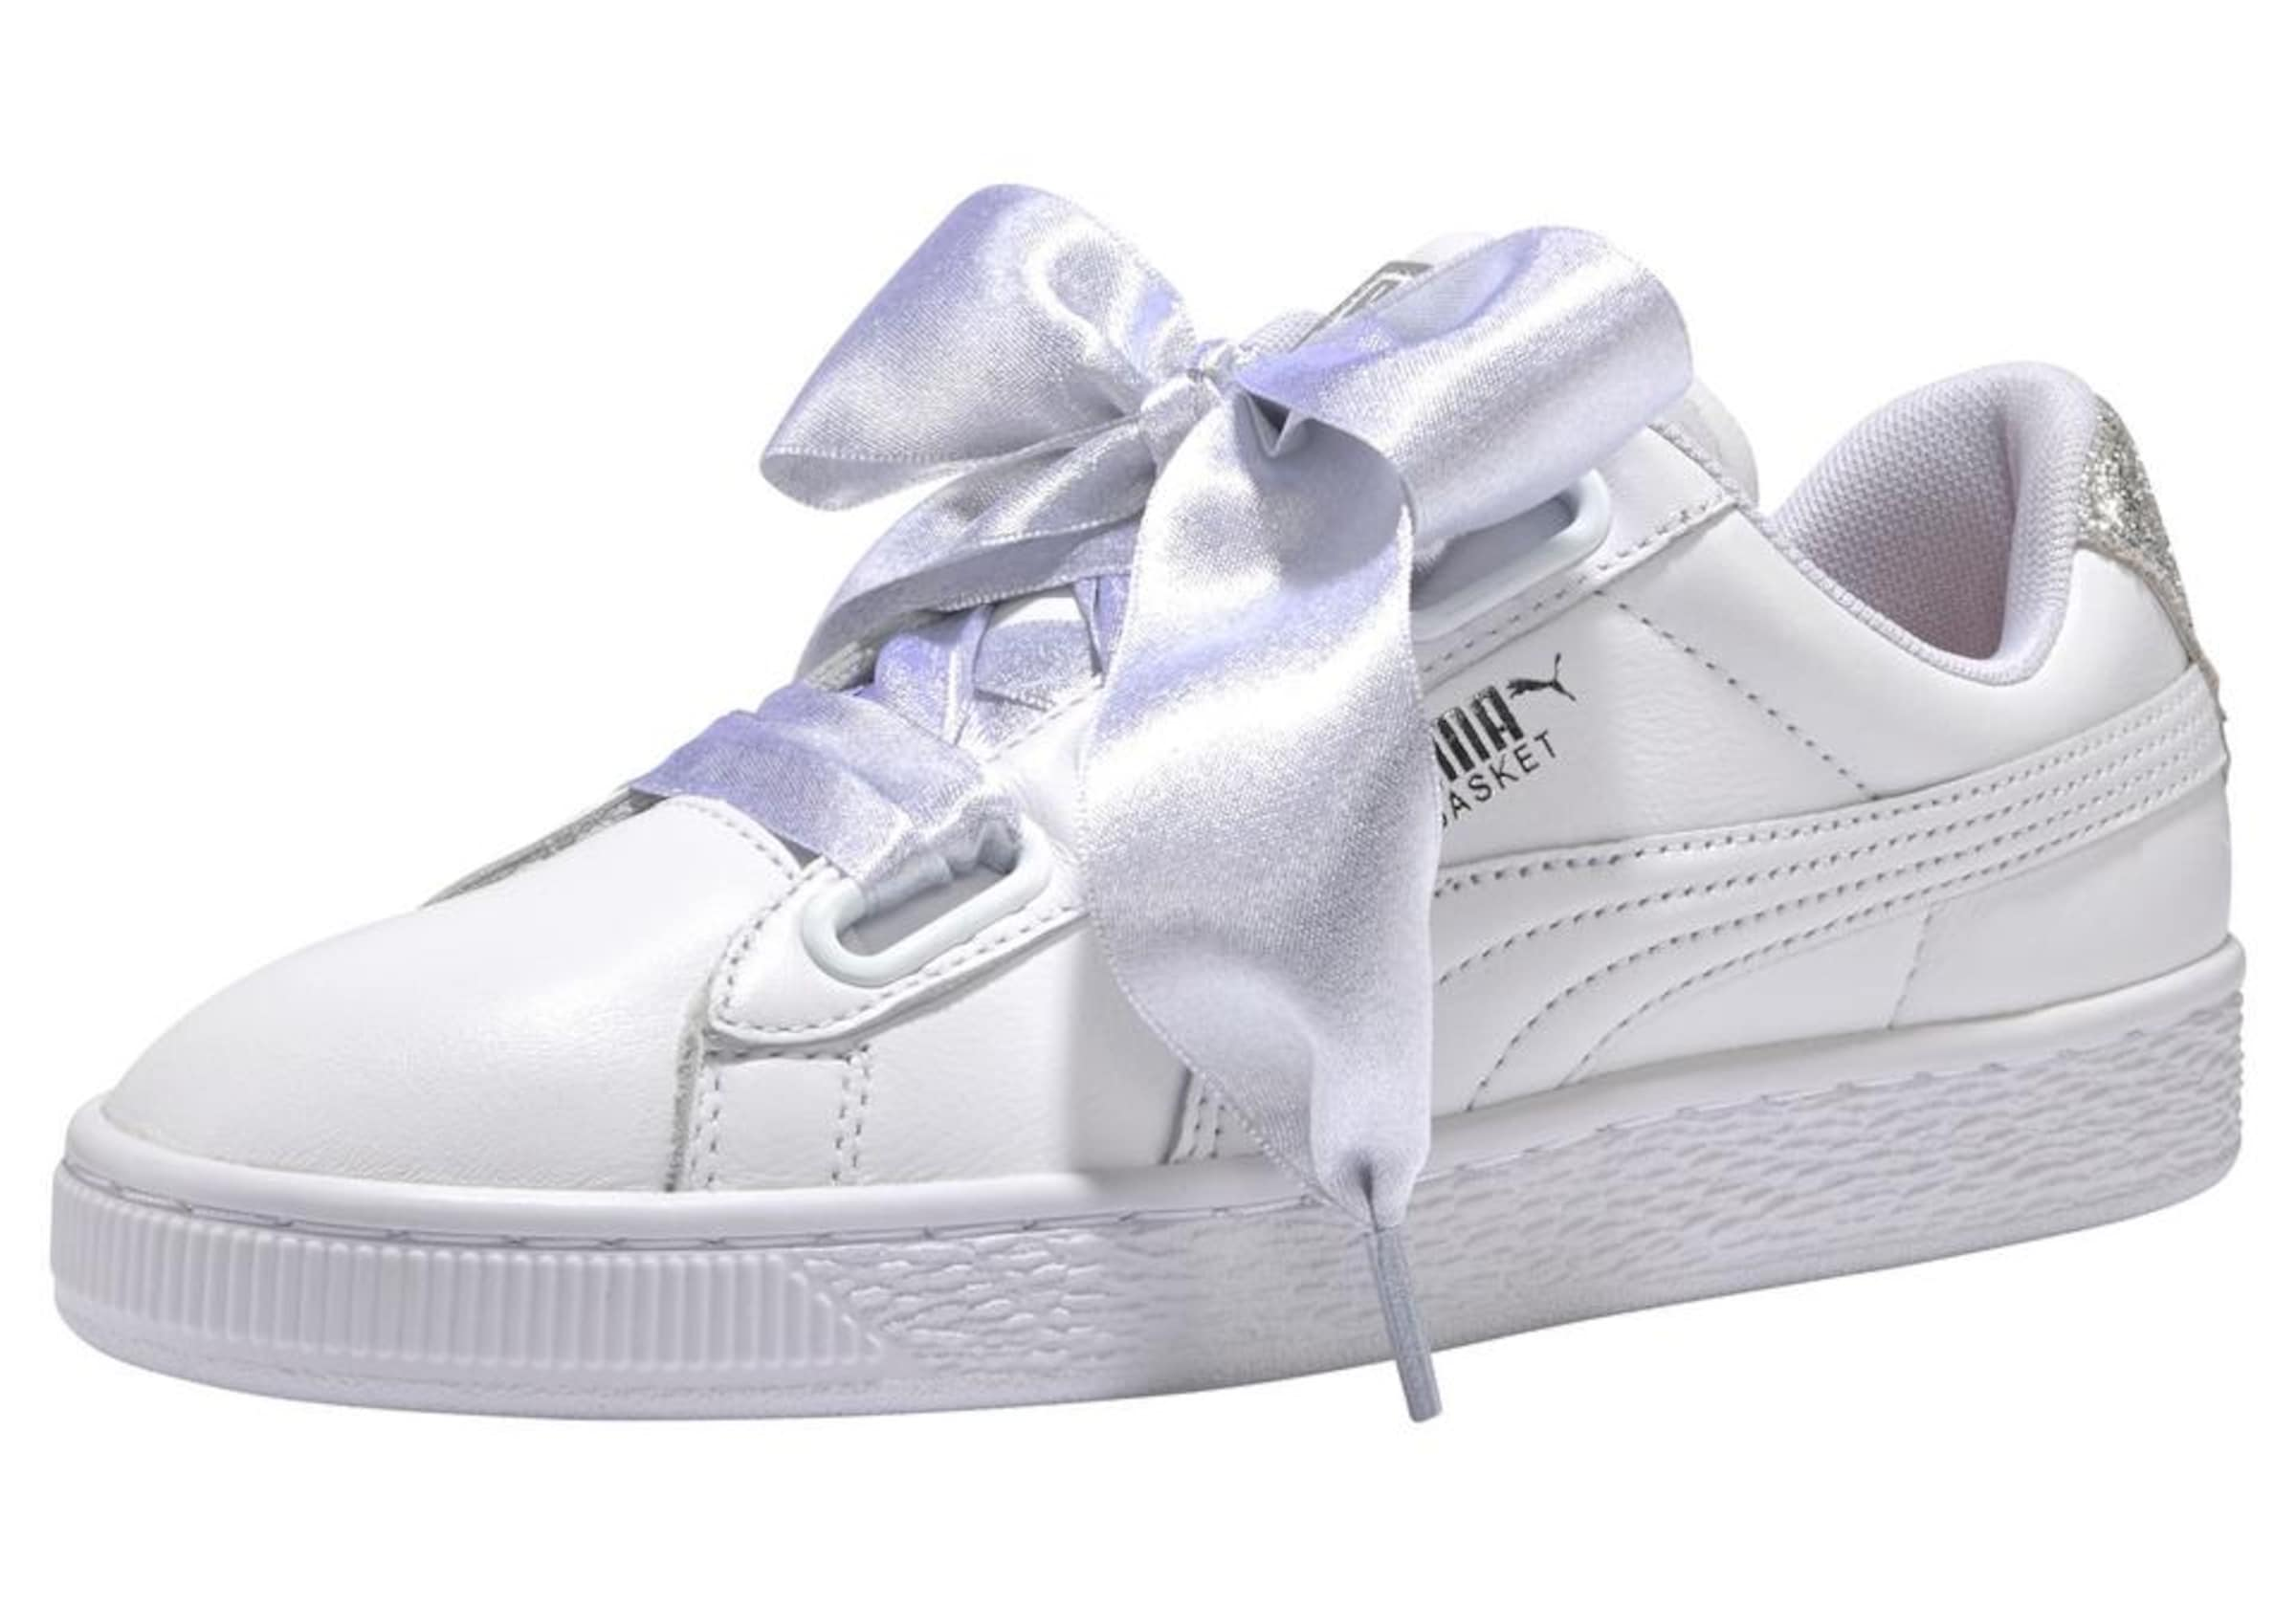 Puma Heart In 'basket SilberWeiß Sneaker Bio Hacking' rBWCxdoe